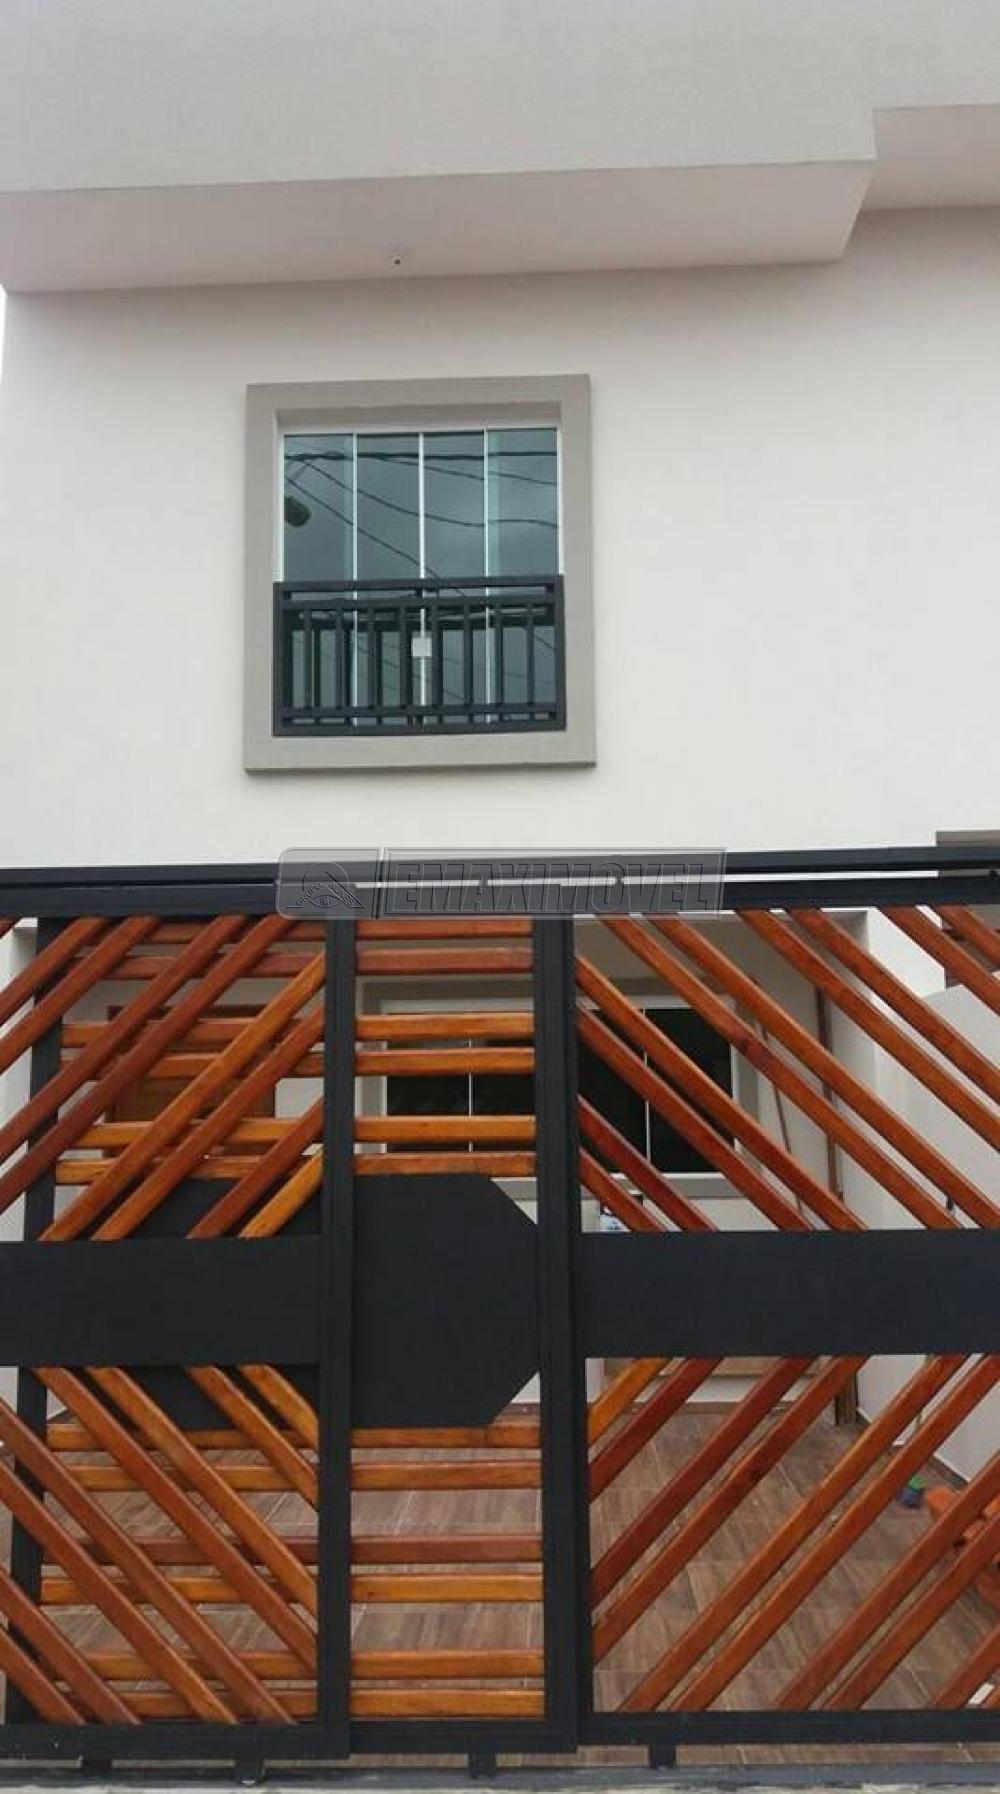 Comprar Casas / em Bairros em Sorocaba apenas R$ 240.000,00 - Foto 6